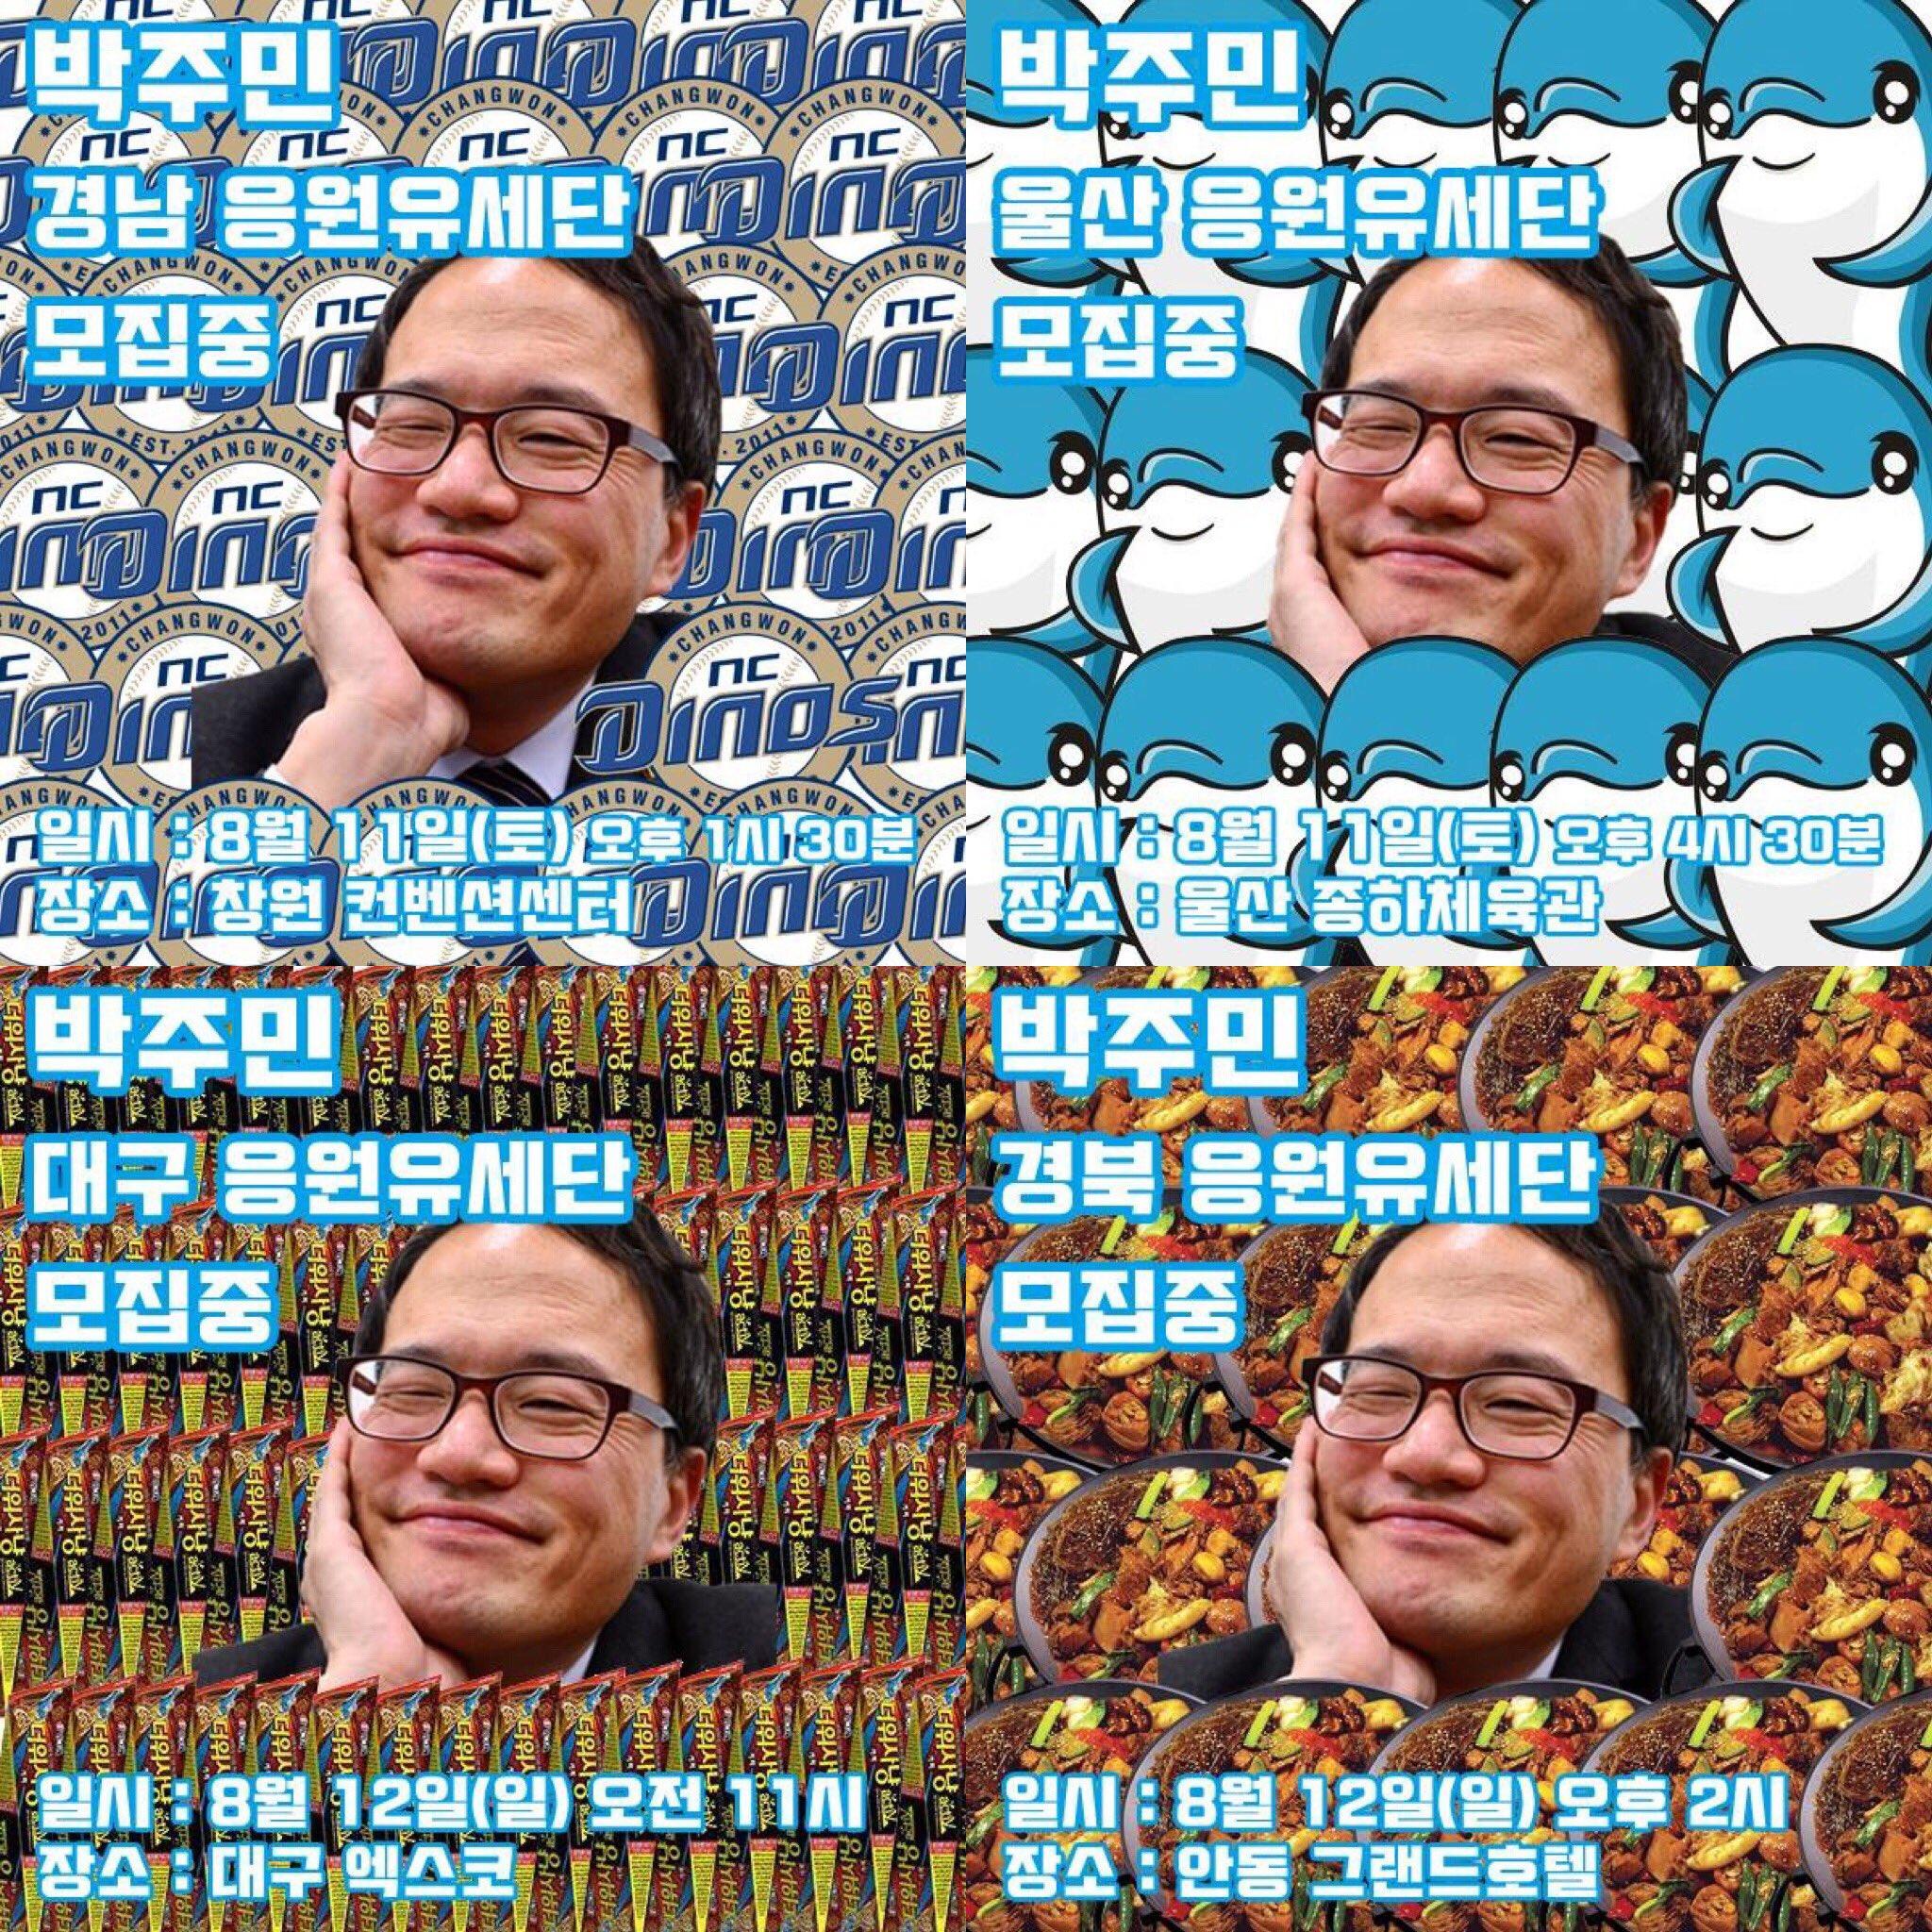 """박주민과 더민주 on Twitter: """"잘 키운 주민 한 명, 열 (____) 안 ..."""